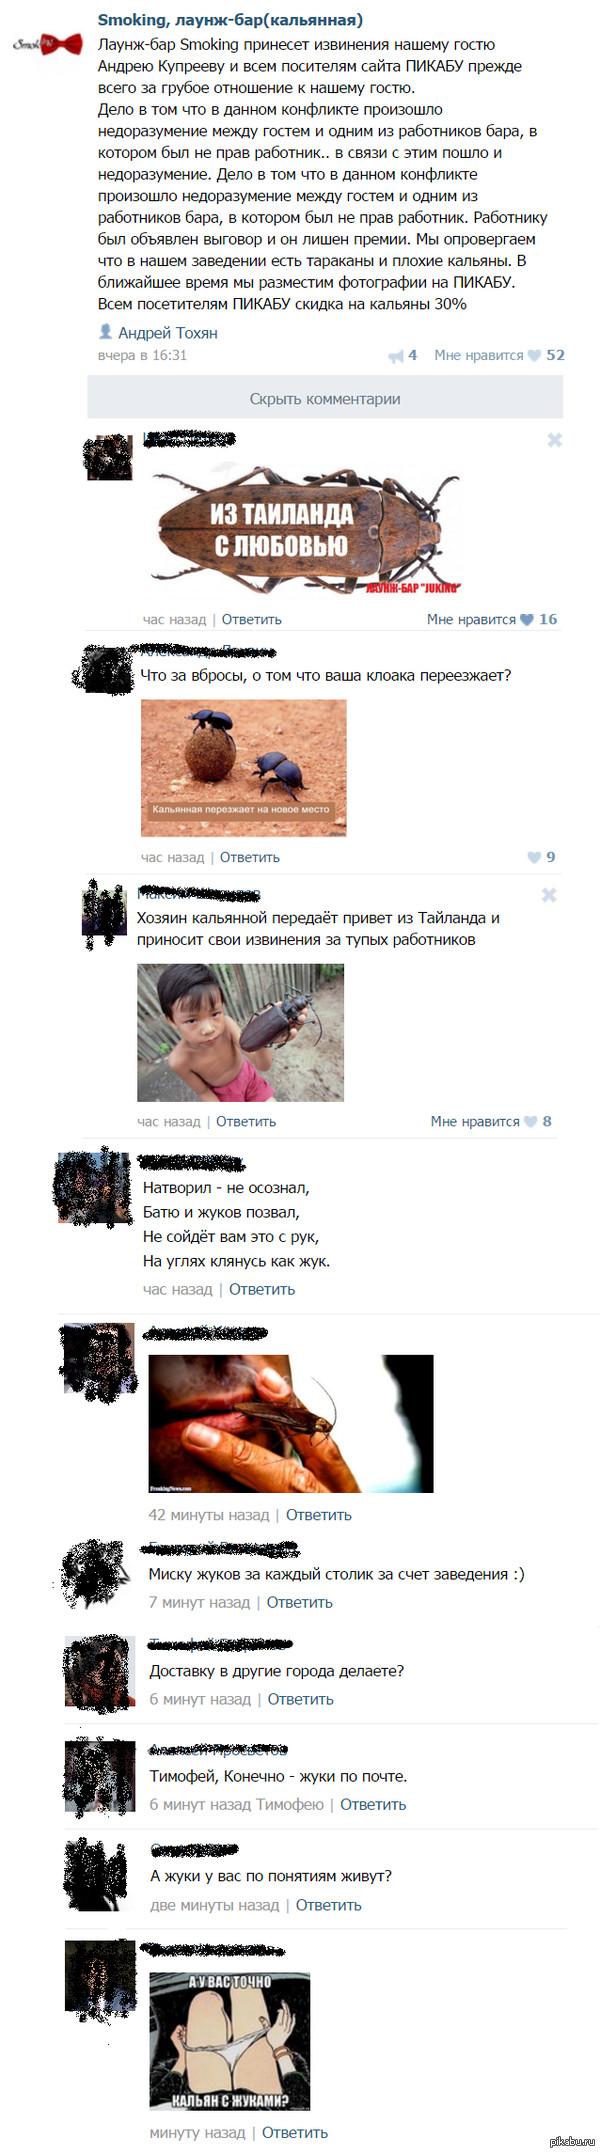 """Я просто решил почитать комменты в группе о всем известной кальянной! Как они еще группу в вк не закрыли?  В каком-то смысле продолжение :   <a href=""""http://pikabu.ru/story/prodolzhenie_istorii_s_kalyanom_3781775"""">http://pikabu.ru/story/_3781775</a>"""